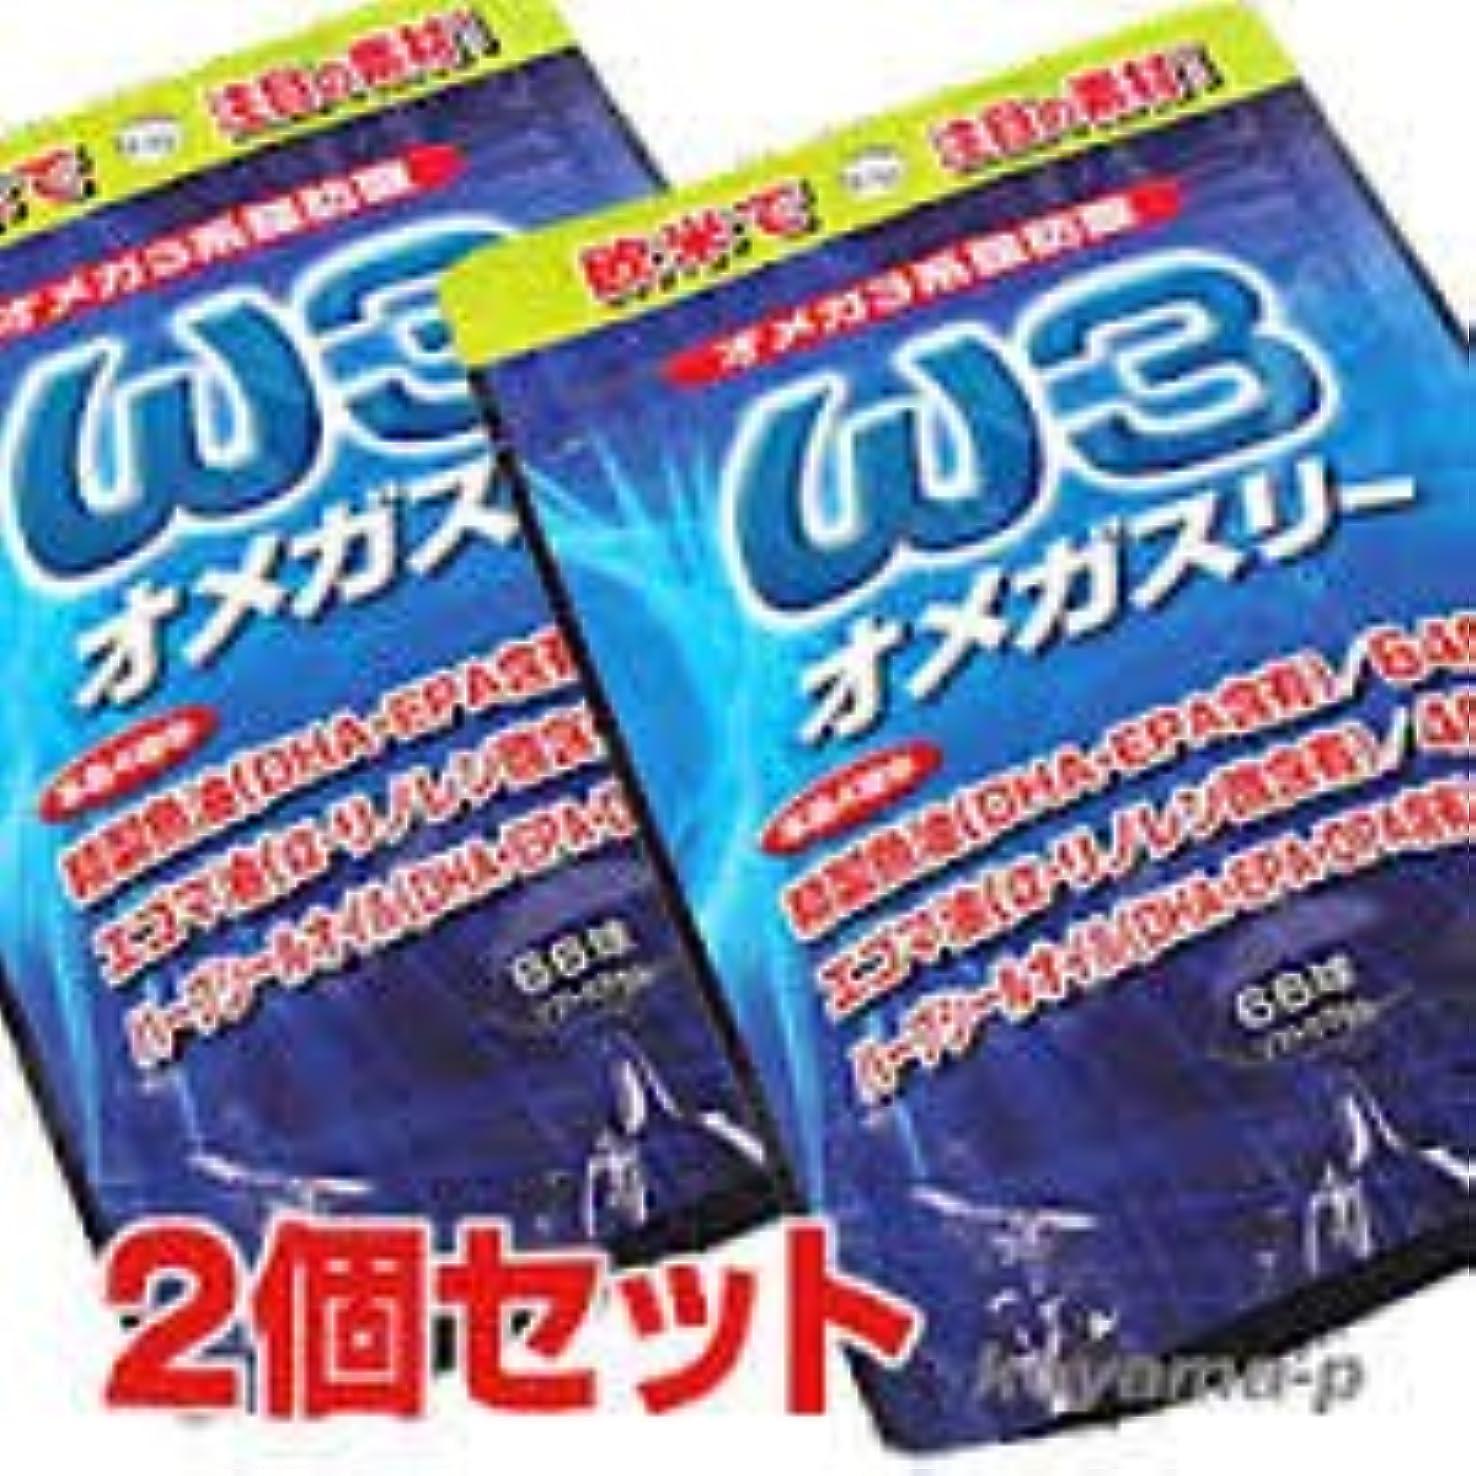 インテリア縫う圧倒する「あさイチ」で大人気 オメガスリー 66球x2個セット (4524326201928)